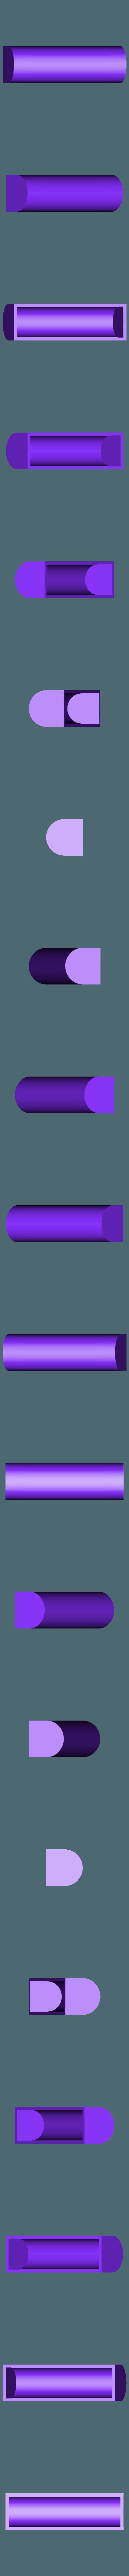 cyltop.stl Télécharger fichier STL gratuit Adaptateur de batterie 18650 pour NDS Lite • Modèle pour imprimante 3D, LarryG